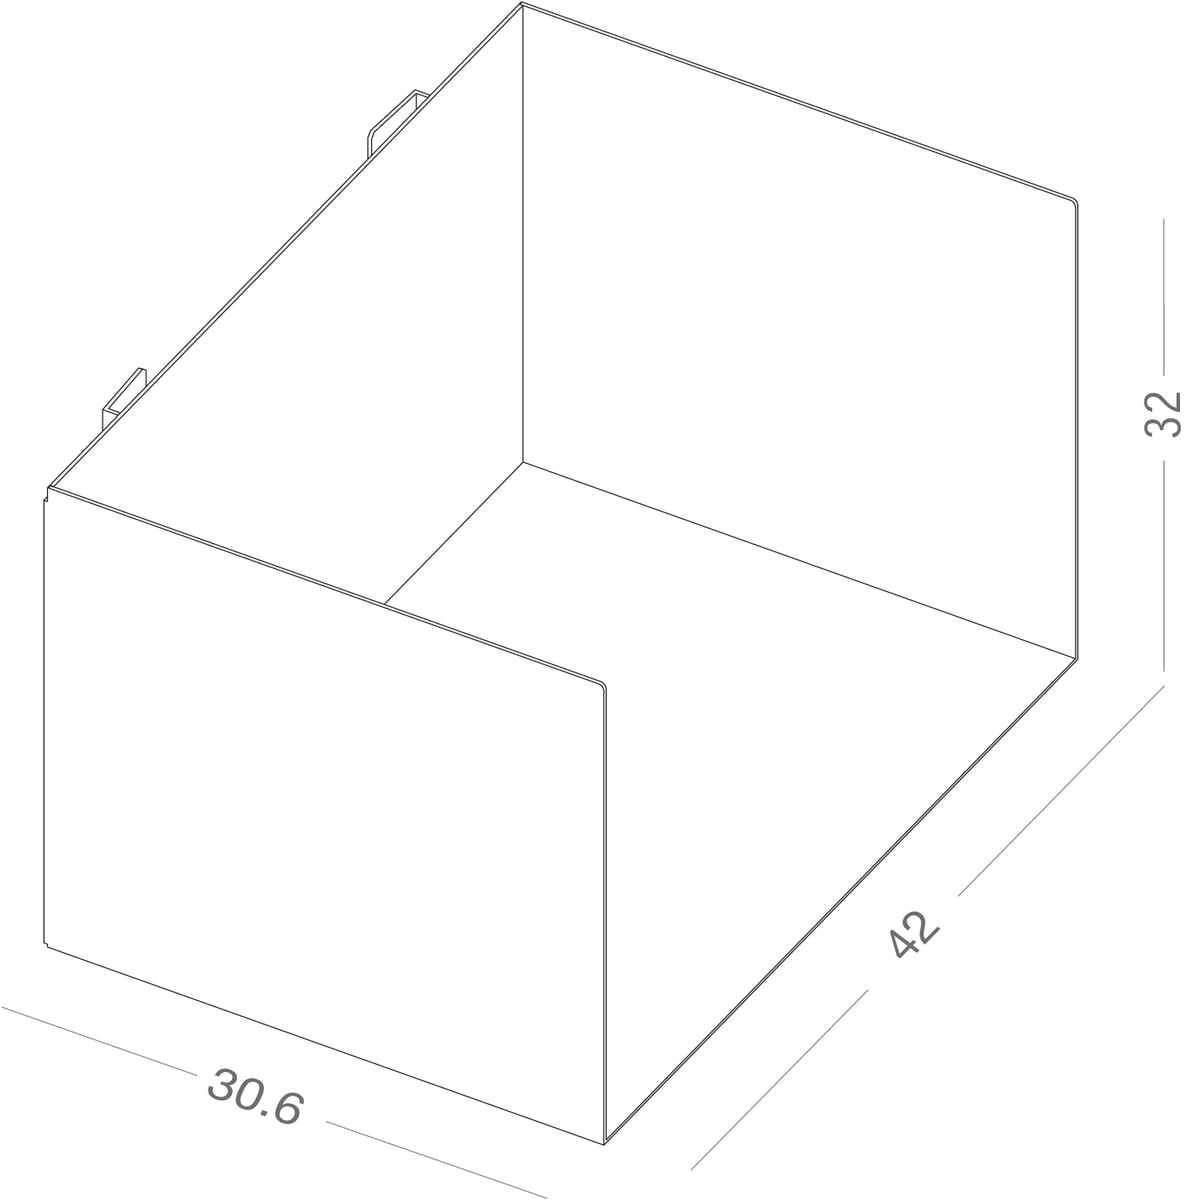 Connox Wohndesign: Linea1 C Ordnerregal